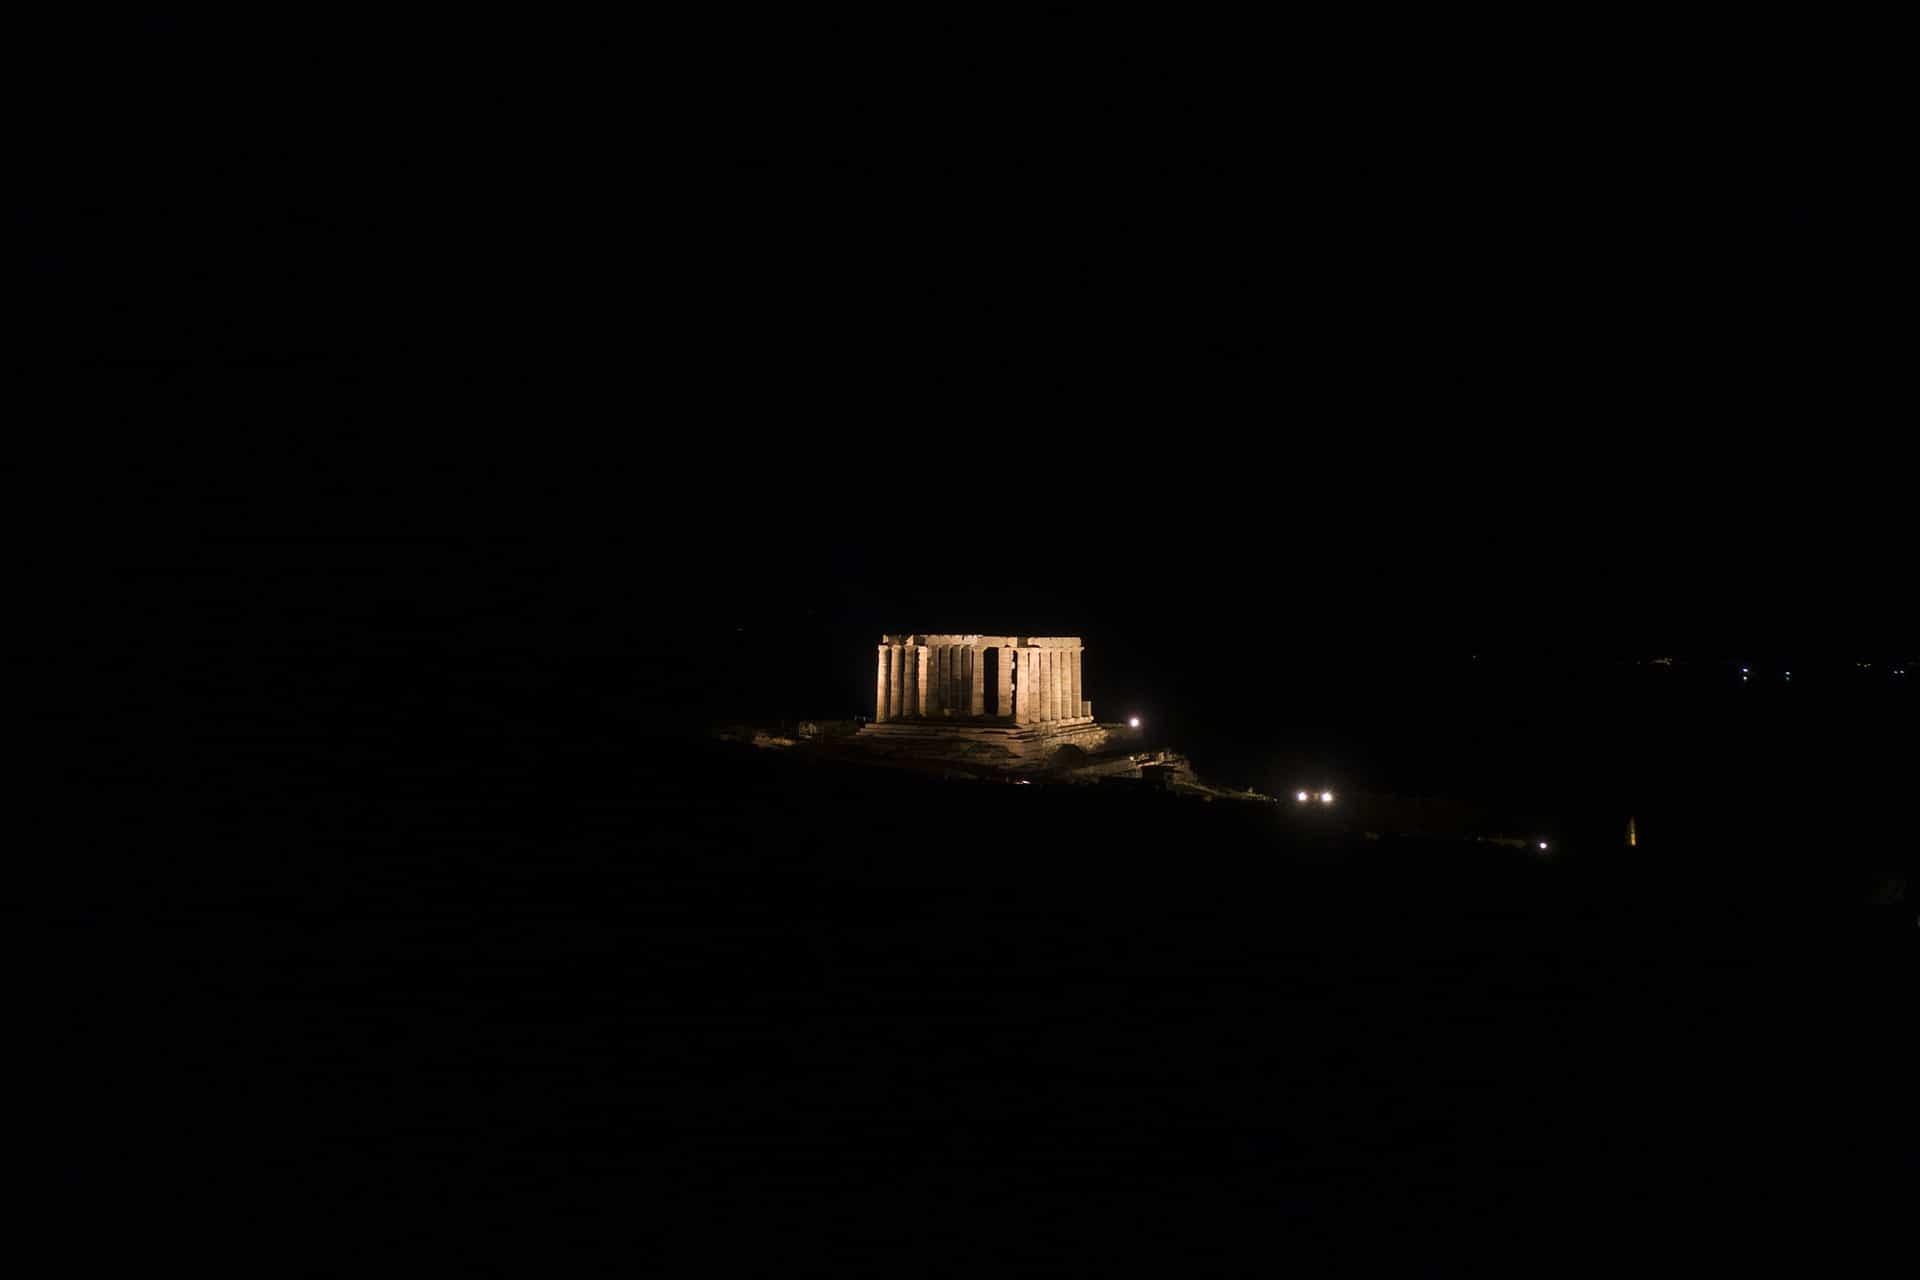 ναός του ποσειδώνα βράδυ με drone